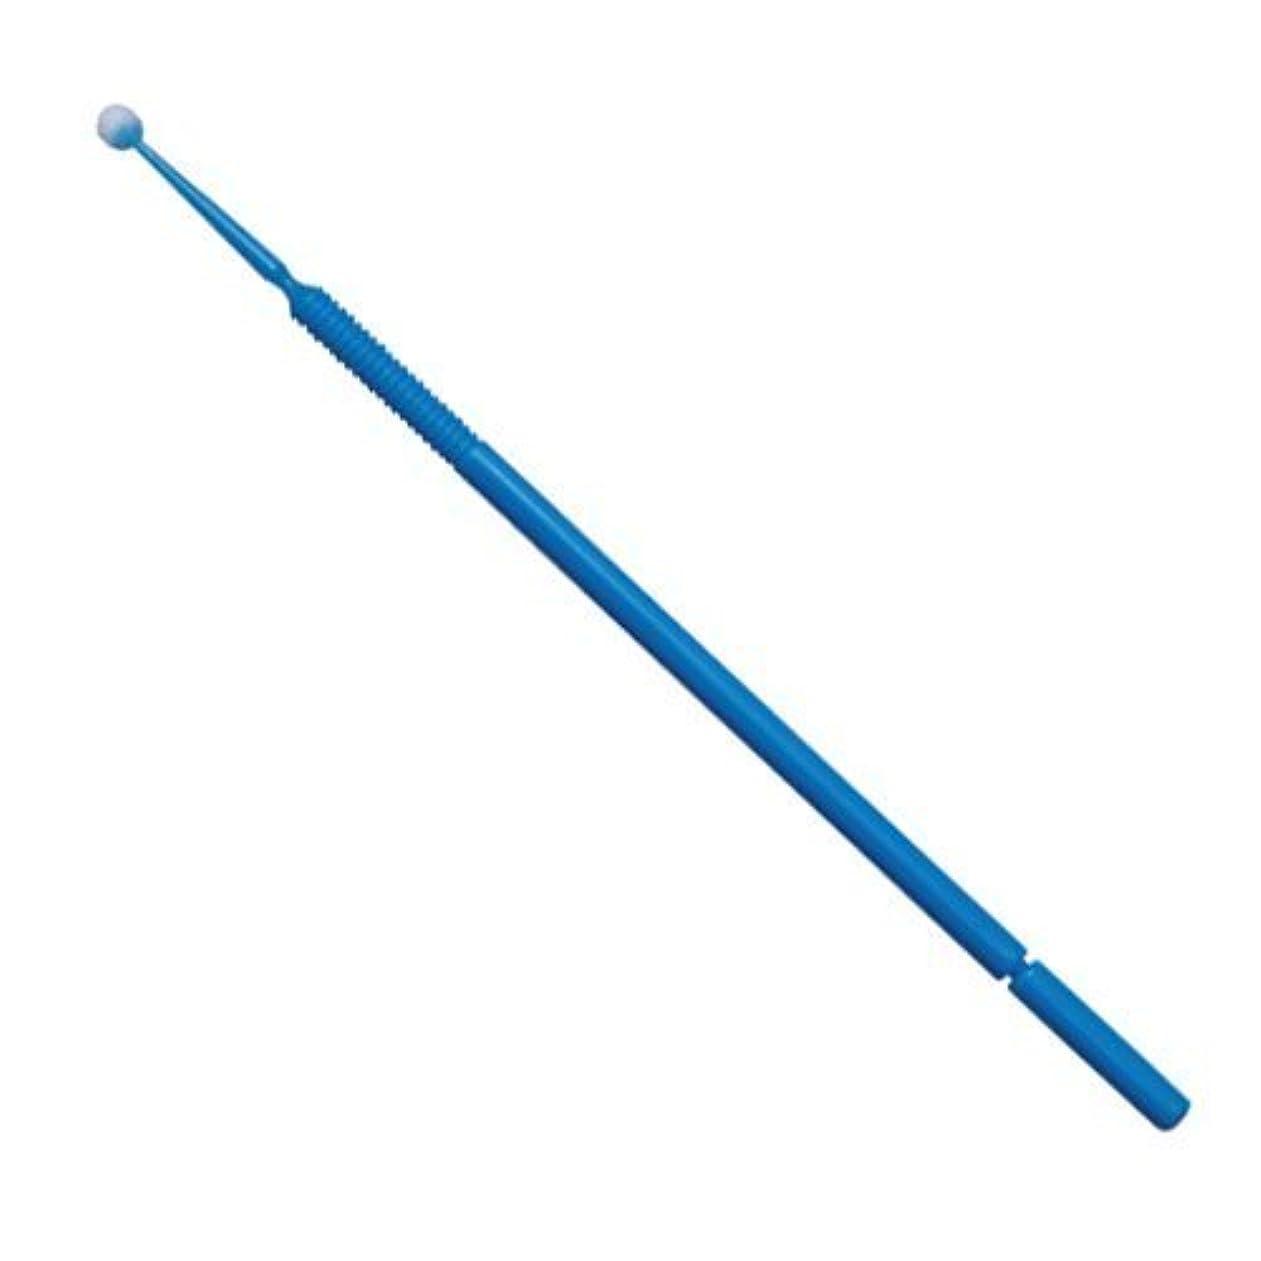 社説ロバ礼拝マイクロアプリケーター(マイクロブラシ) レギュラー:φ2.0mm、ブルー/ 1箱100本